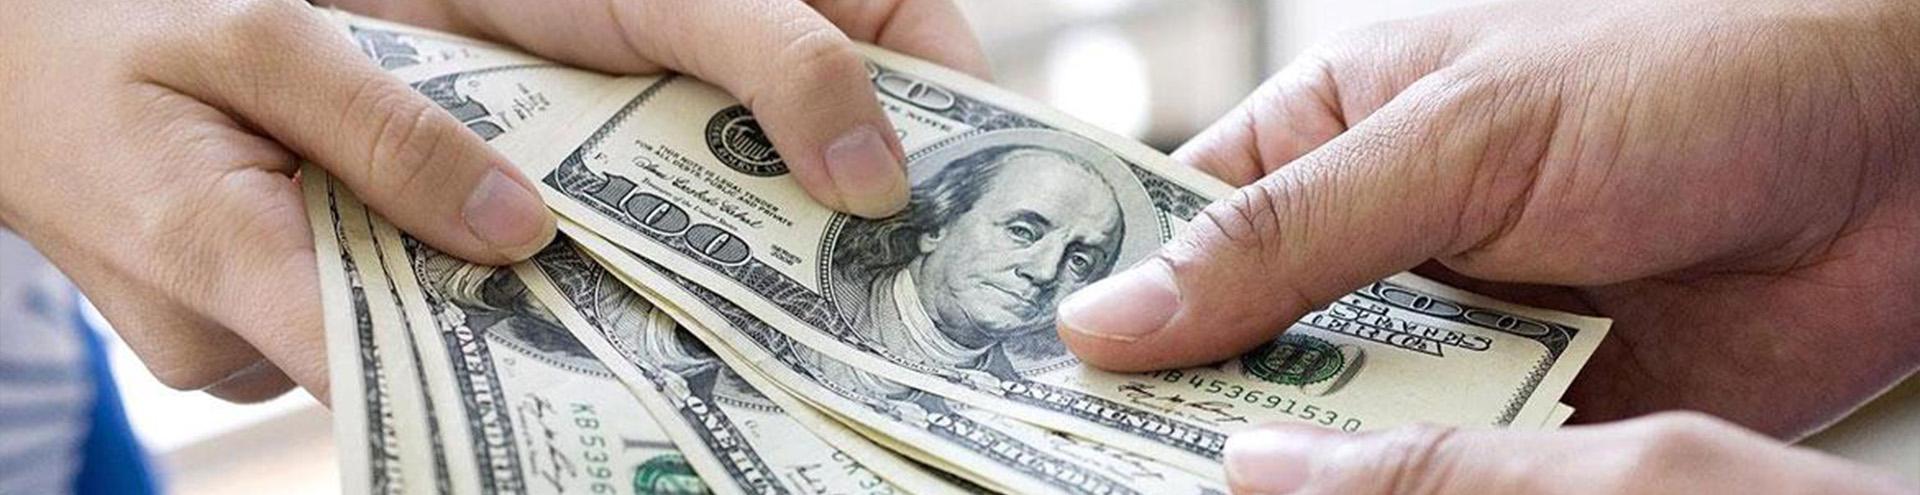 взыскание долга по расписке в Уфе и Республике Башкорстан